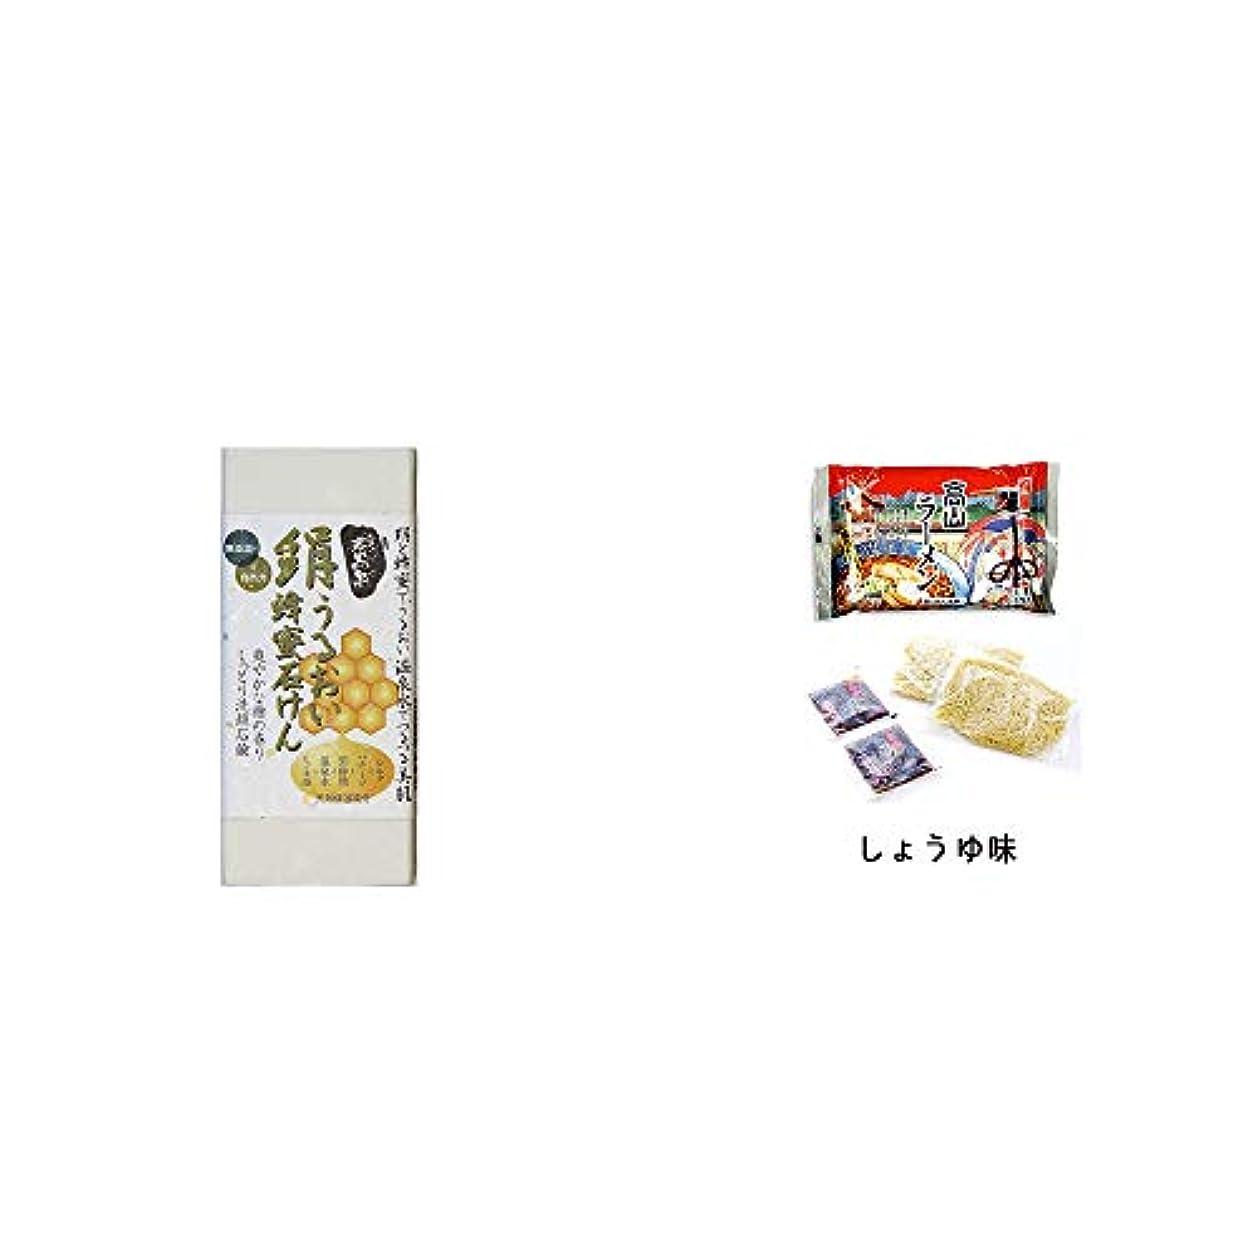 消費実際の決定的[2点セット] ひのき炭黒泉 絹うるおい蜂蜜石けん(75g×2)?飛騨高山ラーメン[生麺?スープ付 (しょうゆ味)]